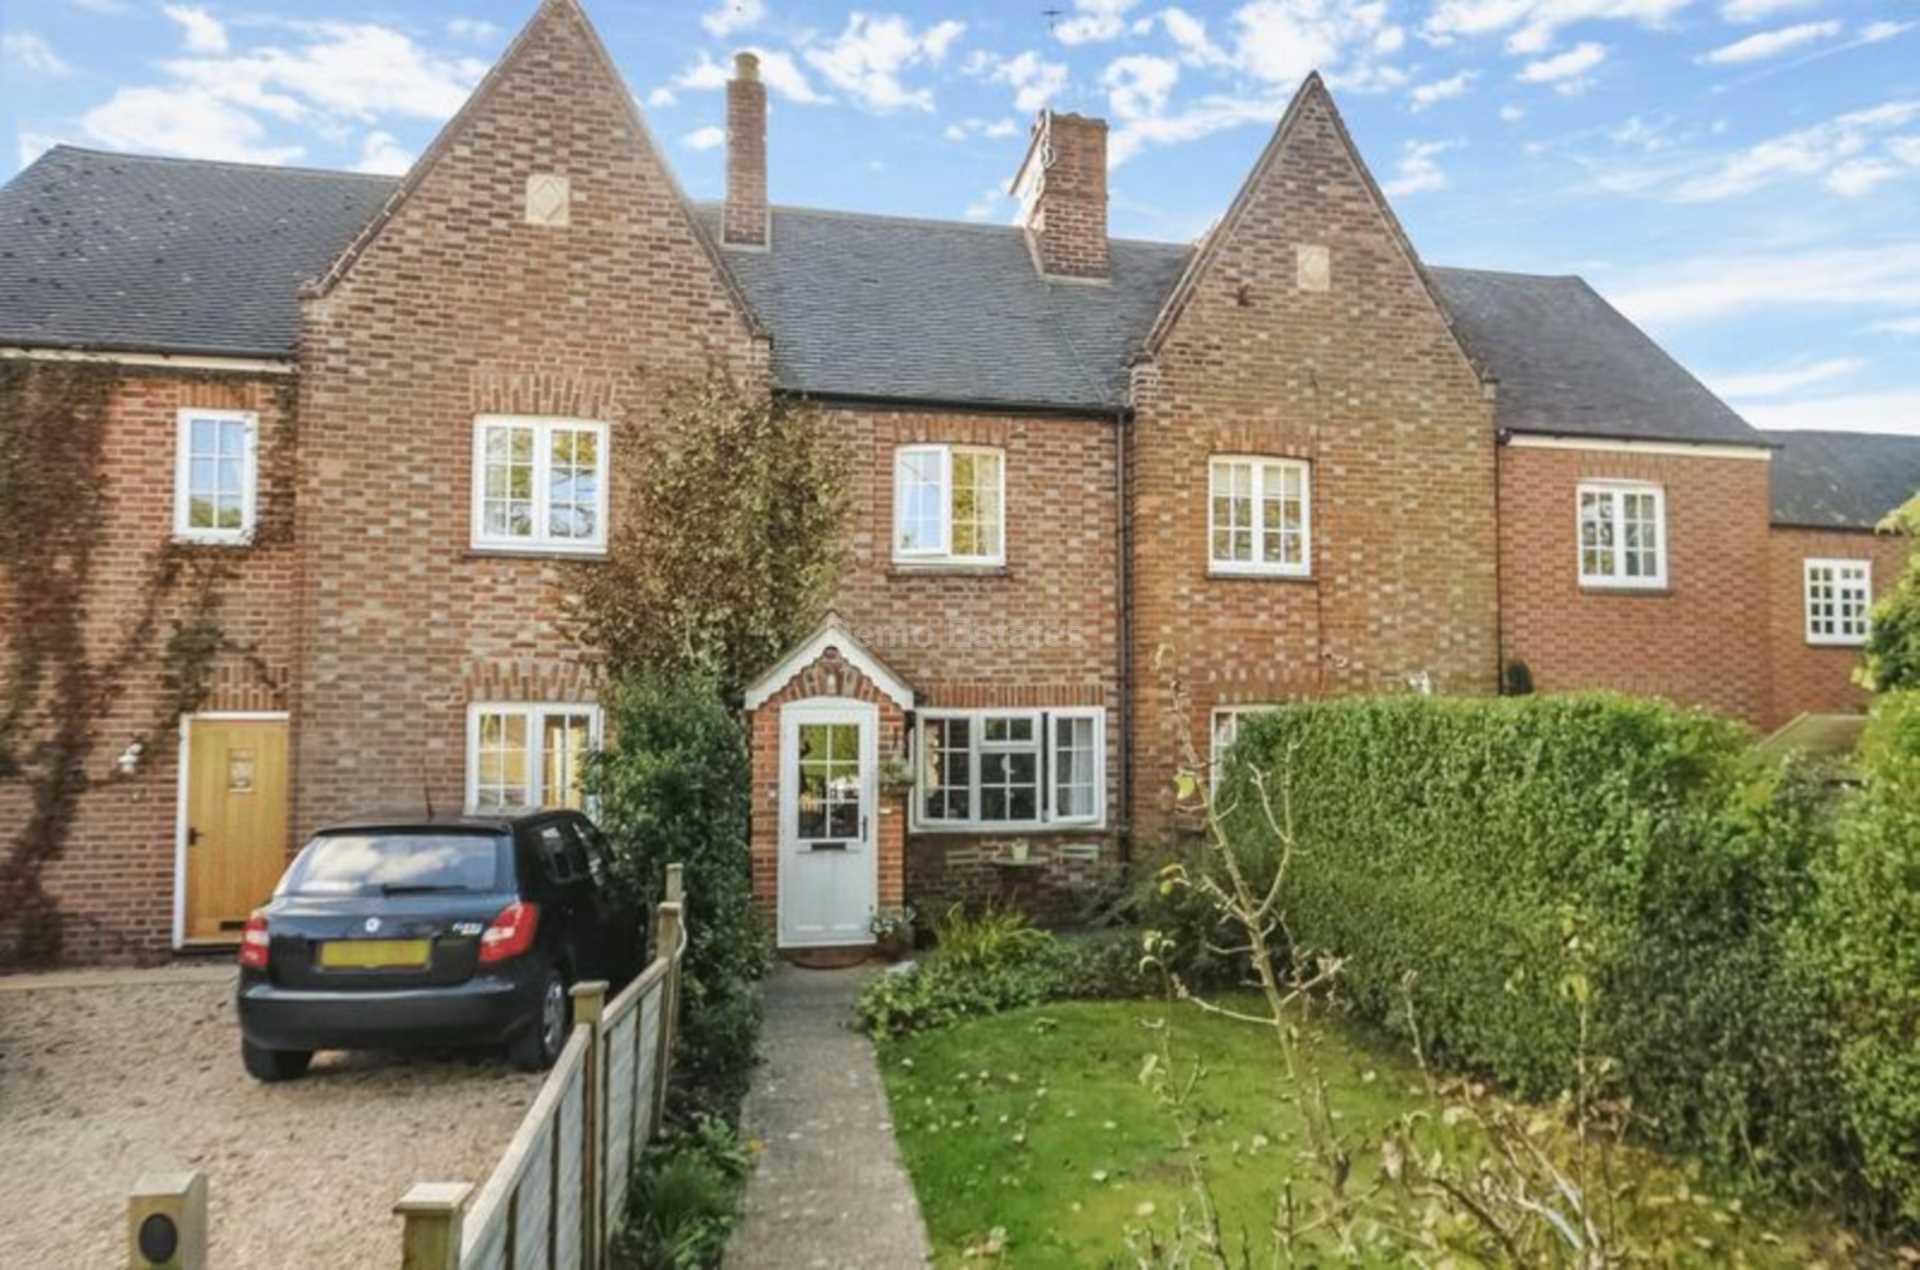 Paternoster Lane, Wallingford, Image 1